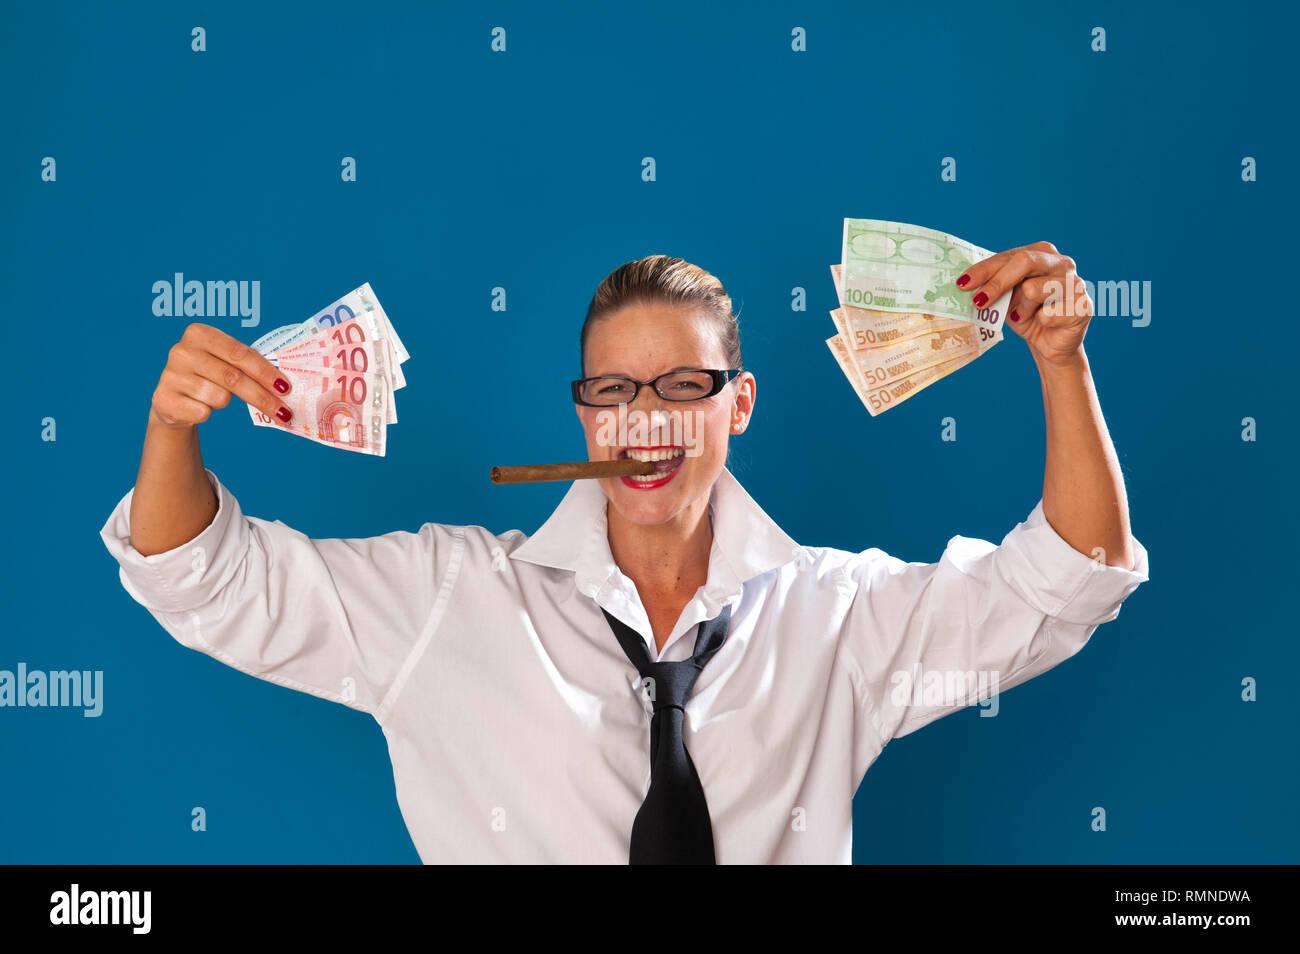 Dunkelblond Frau e Orig. tuerkiser Zauberstab mit strenger Frisur traegt Maennerkleidung, Zigarre im Mund haelt Geldscheine in der Hand HERR: JA PR: JA [ (c Stockbild